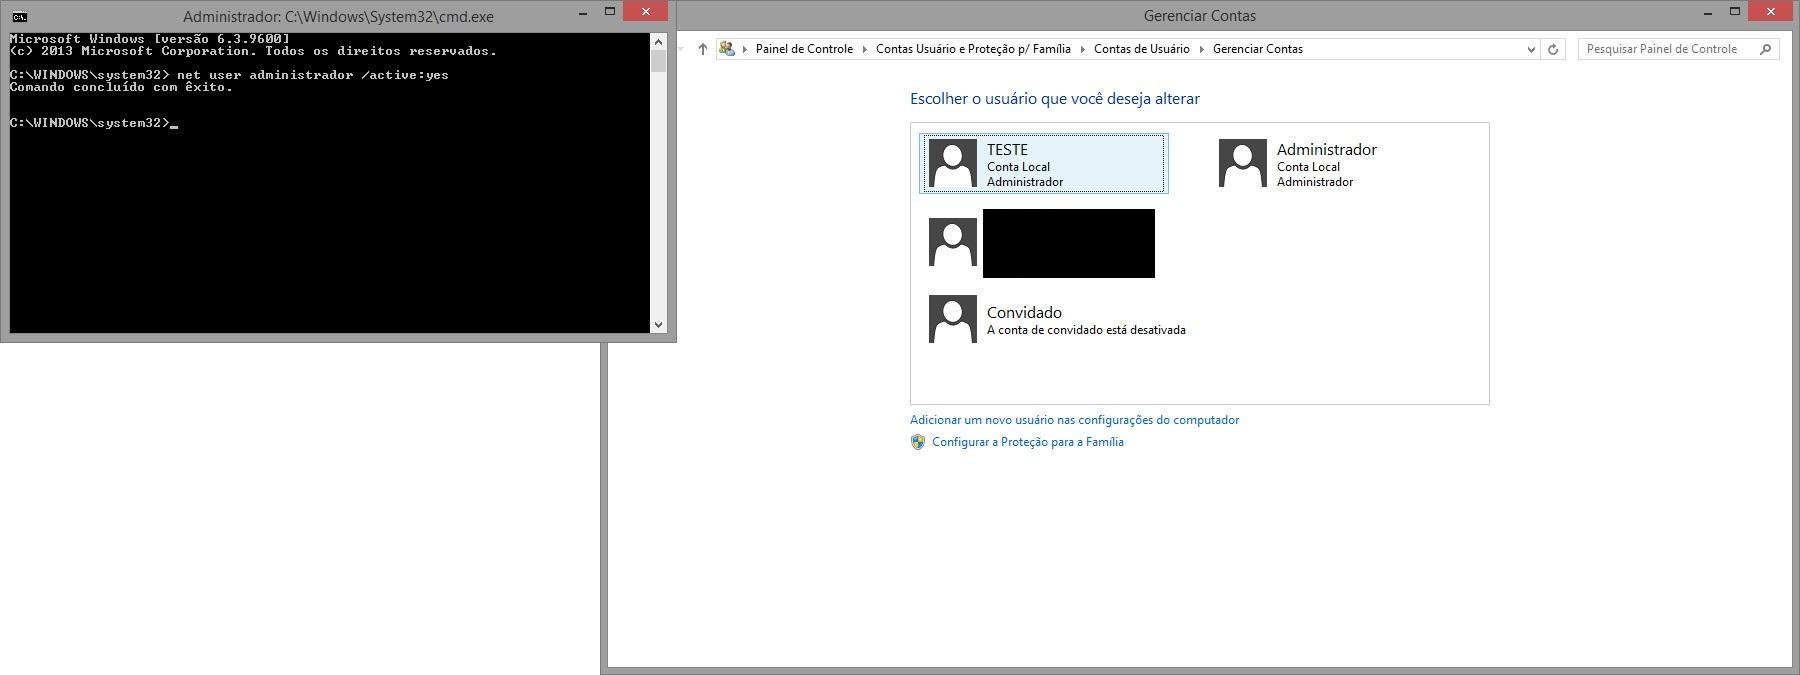 ativar administrador windows 7 cmd